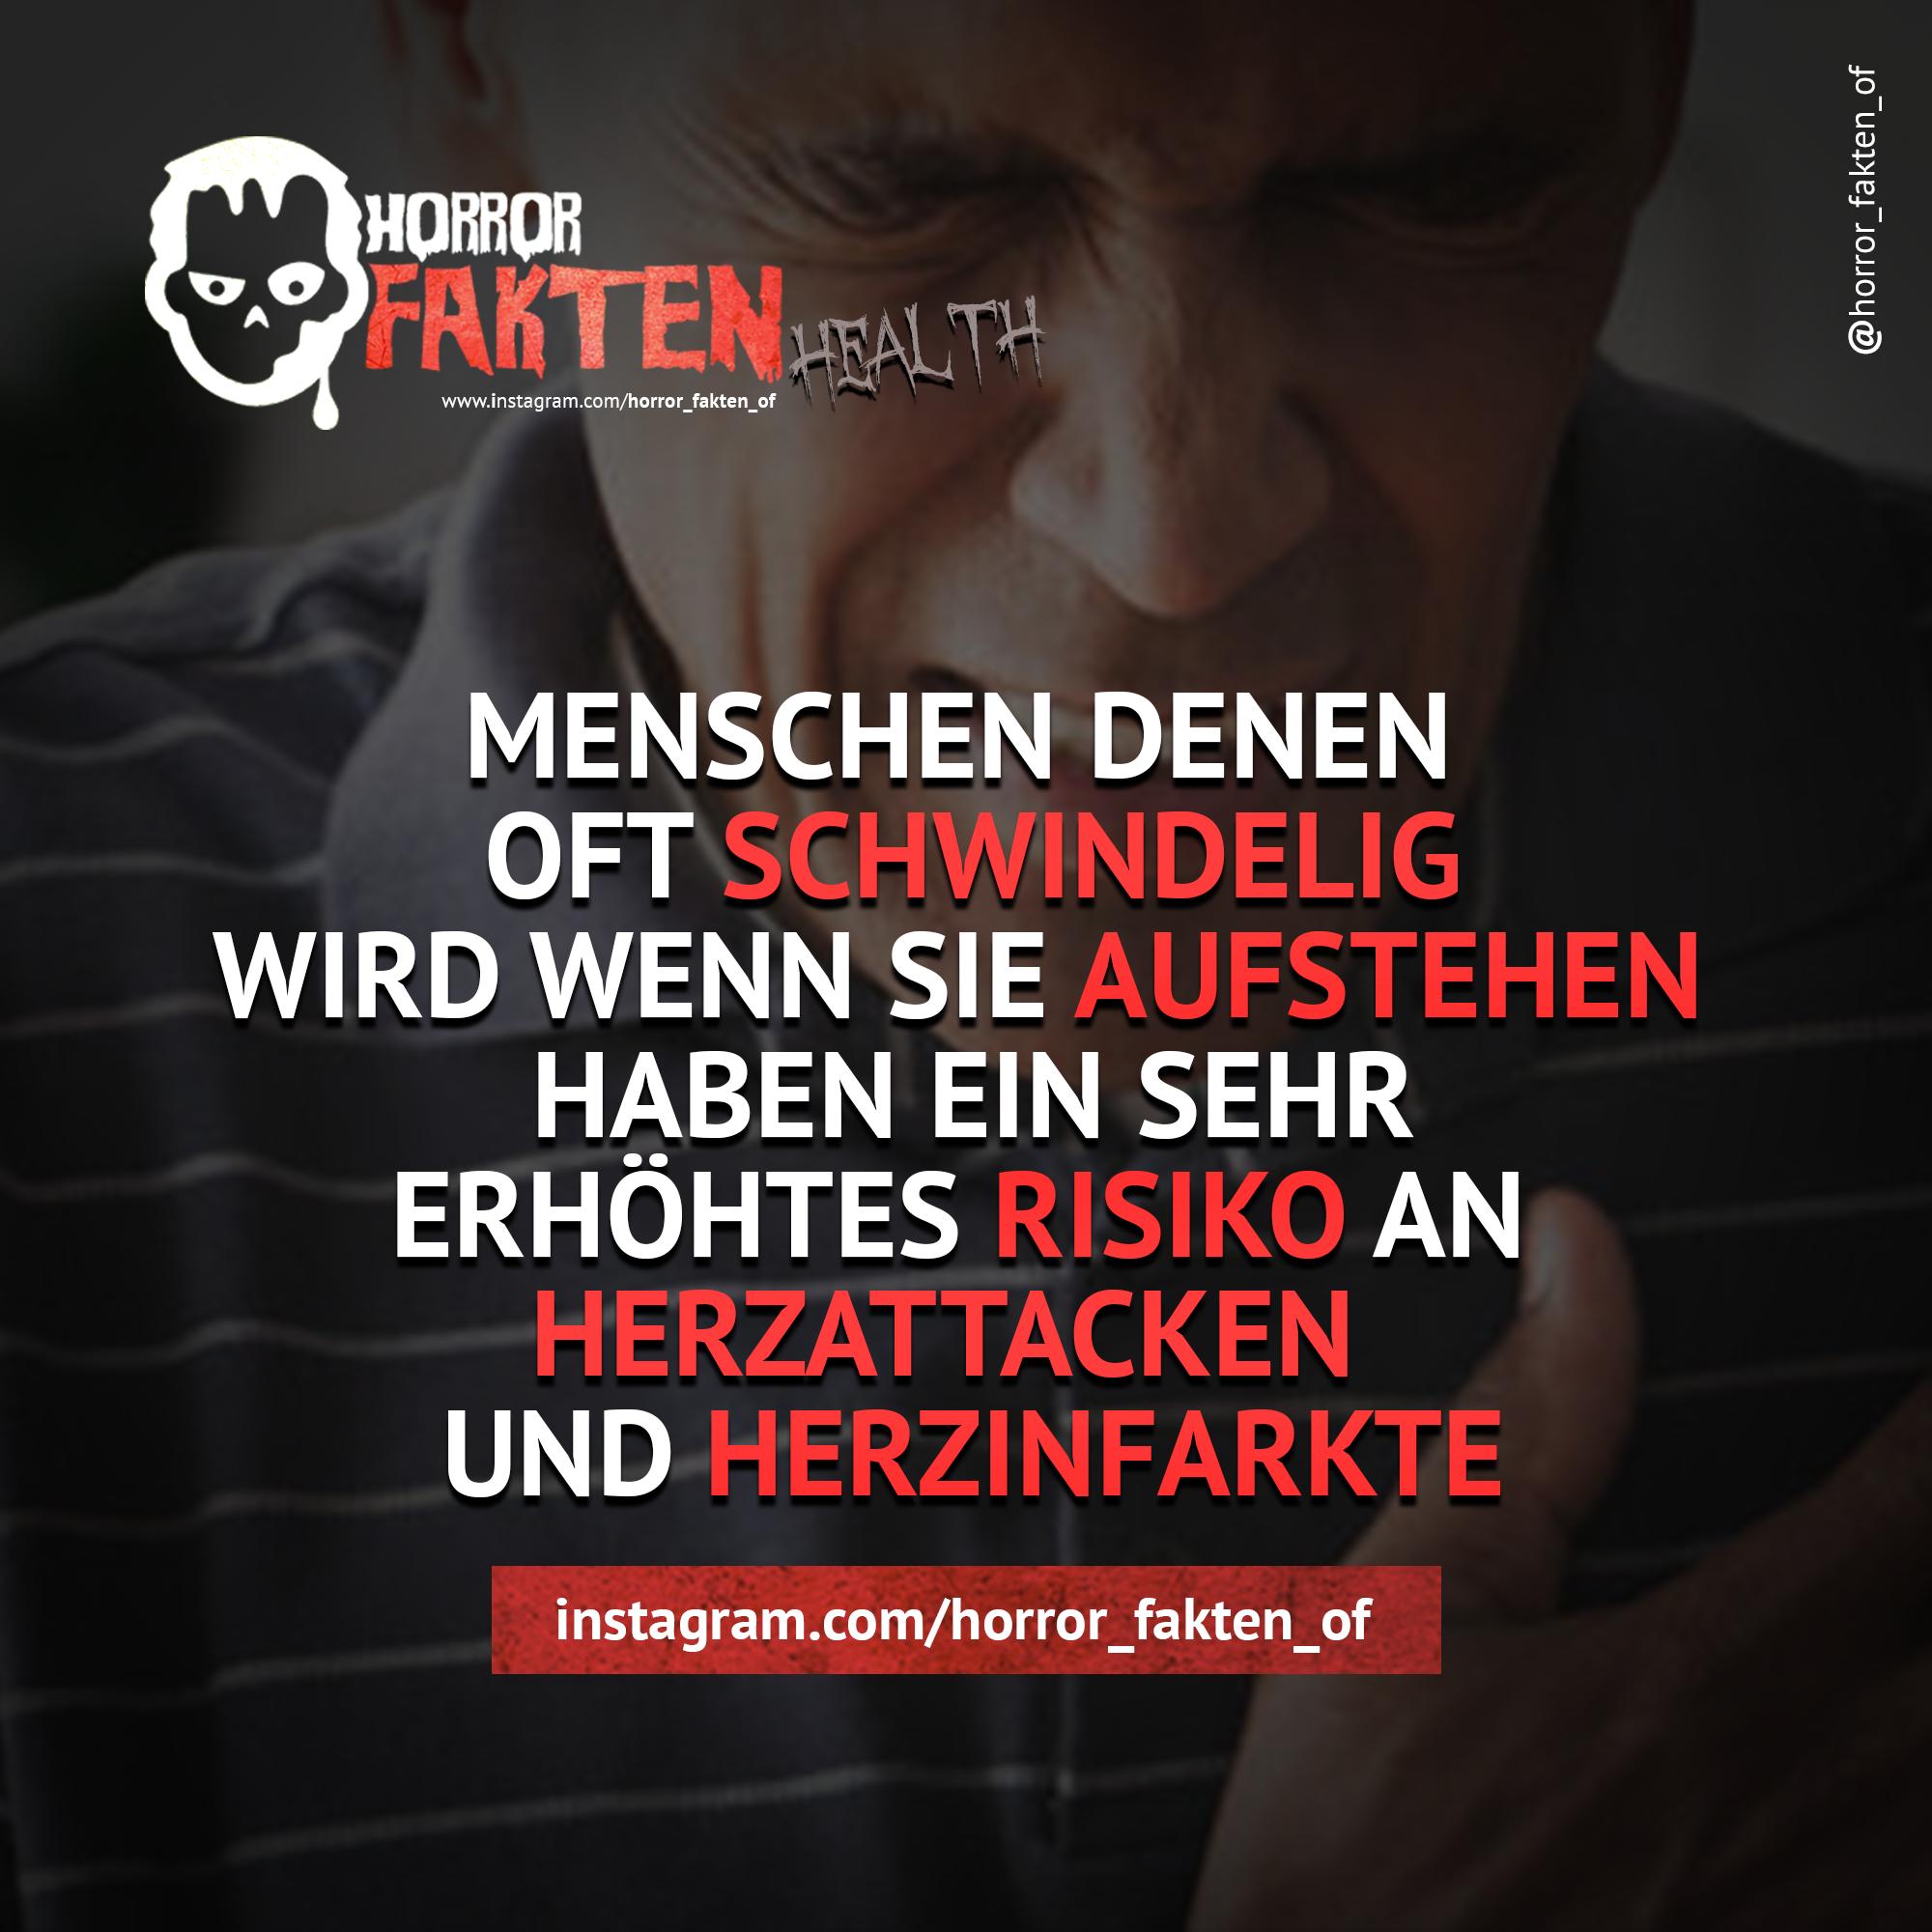 #horrorfakten #horror #fakten #fakt #fact #horrorfact # ...